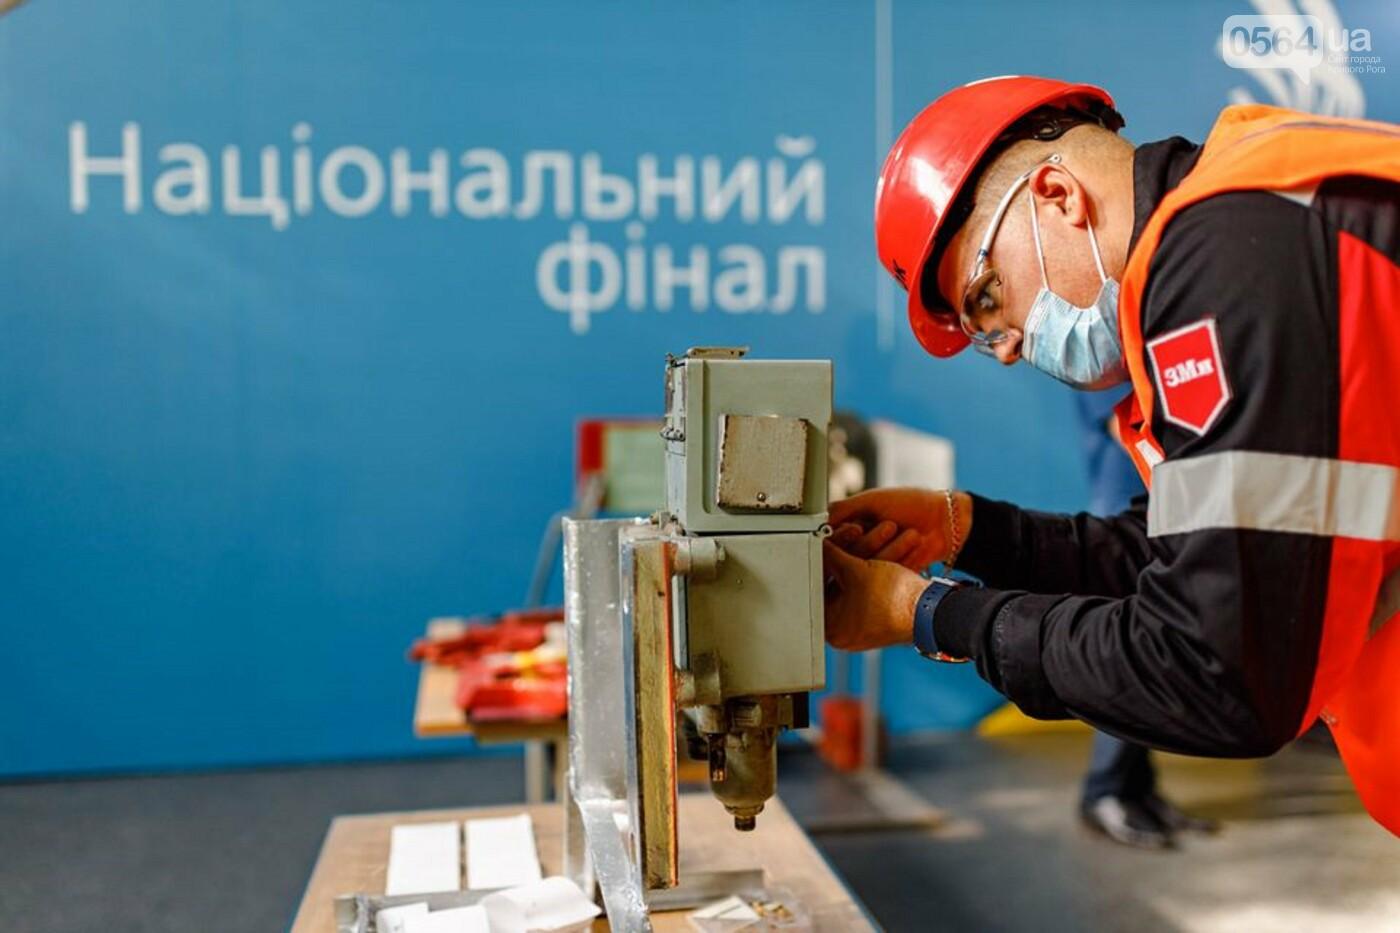 В Запорожье состоялся финал всеукраинского конкурса профессионального мастерства WorldSkills Ukraine - 2020, фото-1